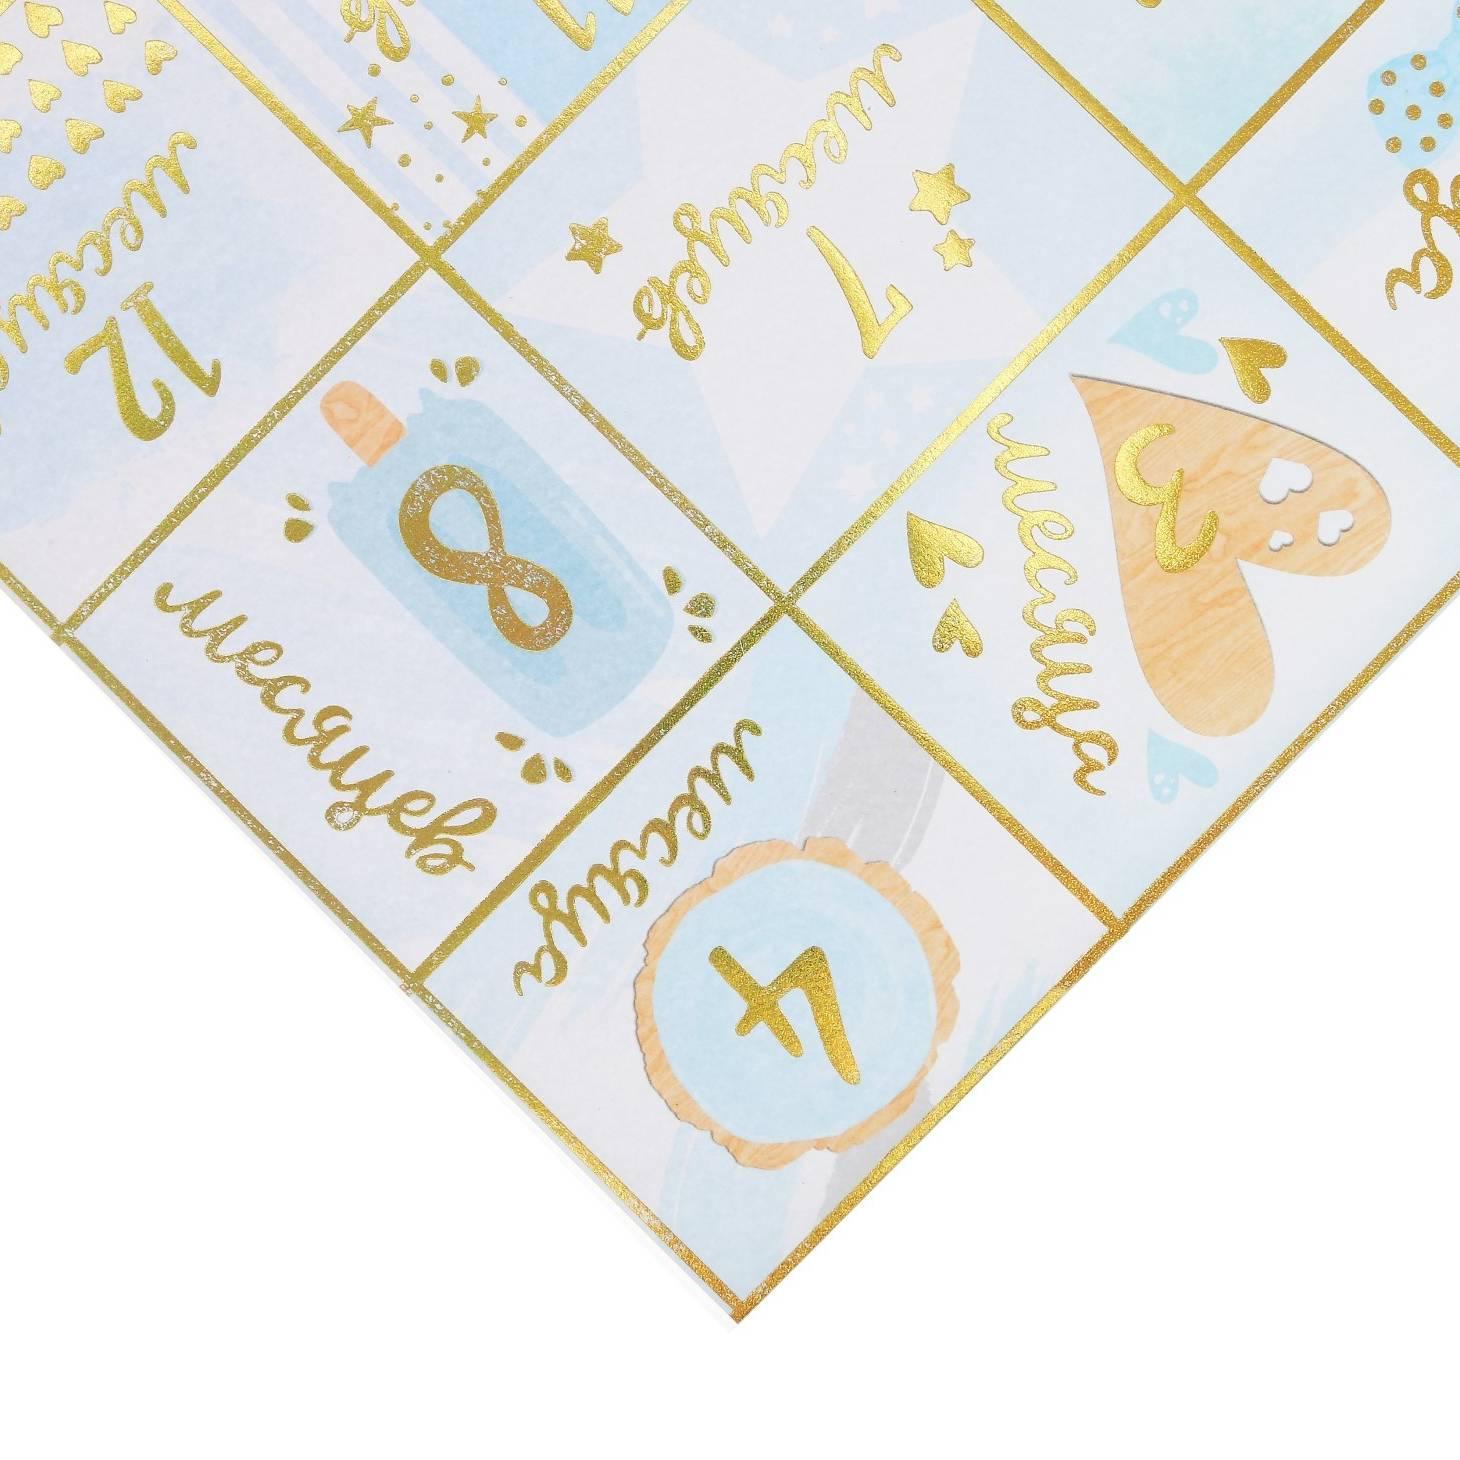 Бумага для скрапбукинга с голографическим фольгированием, My little boy, 30,5×32 см, 250 г/м, АртУзор